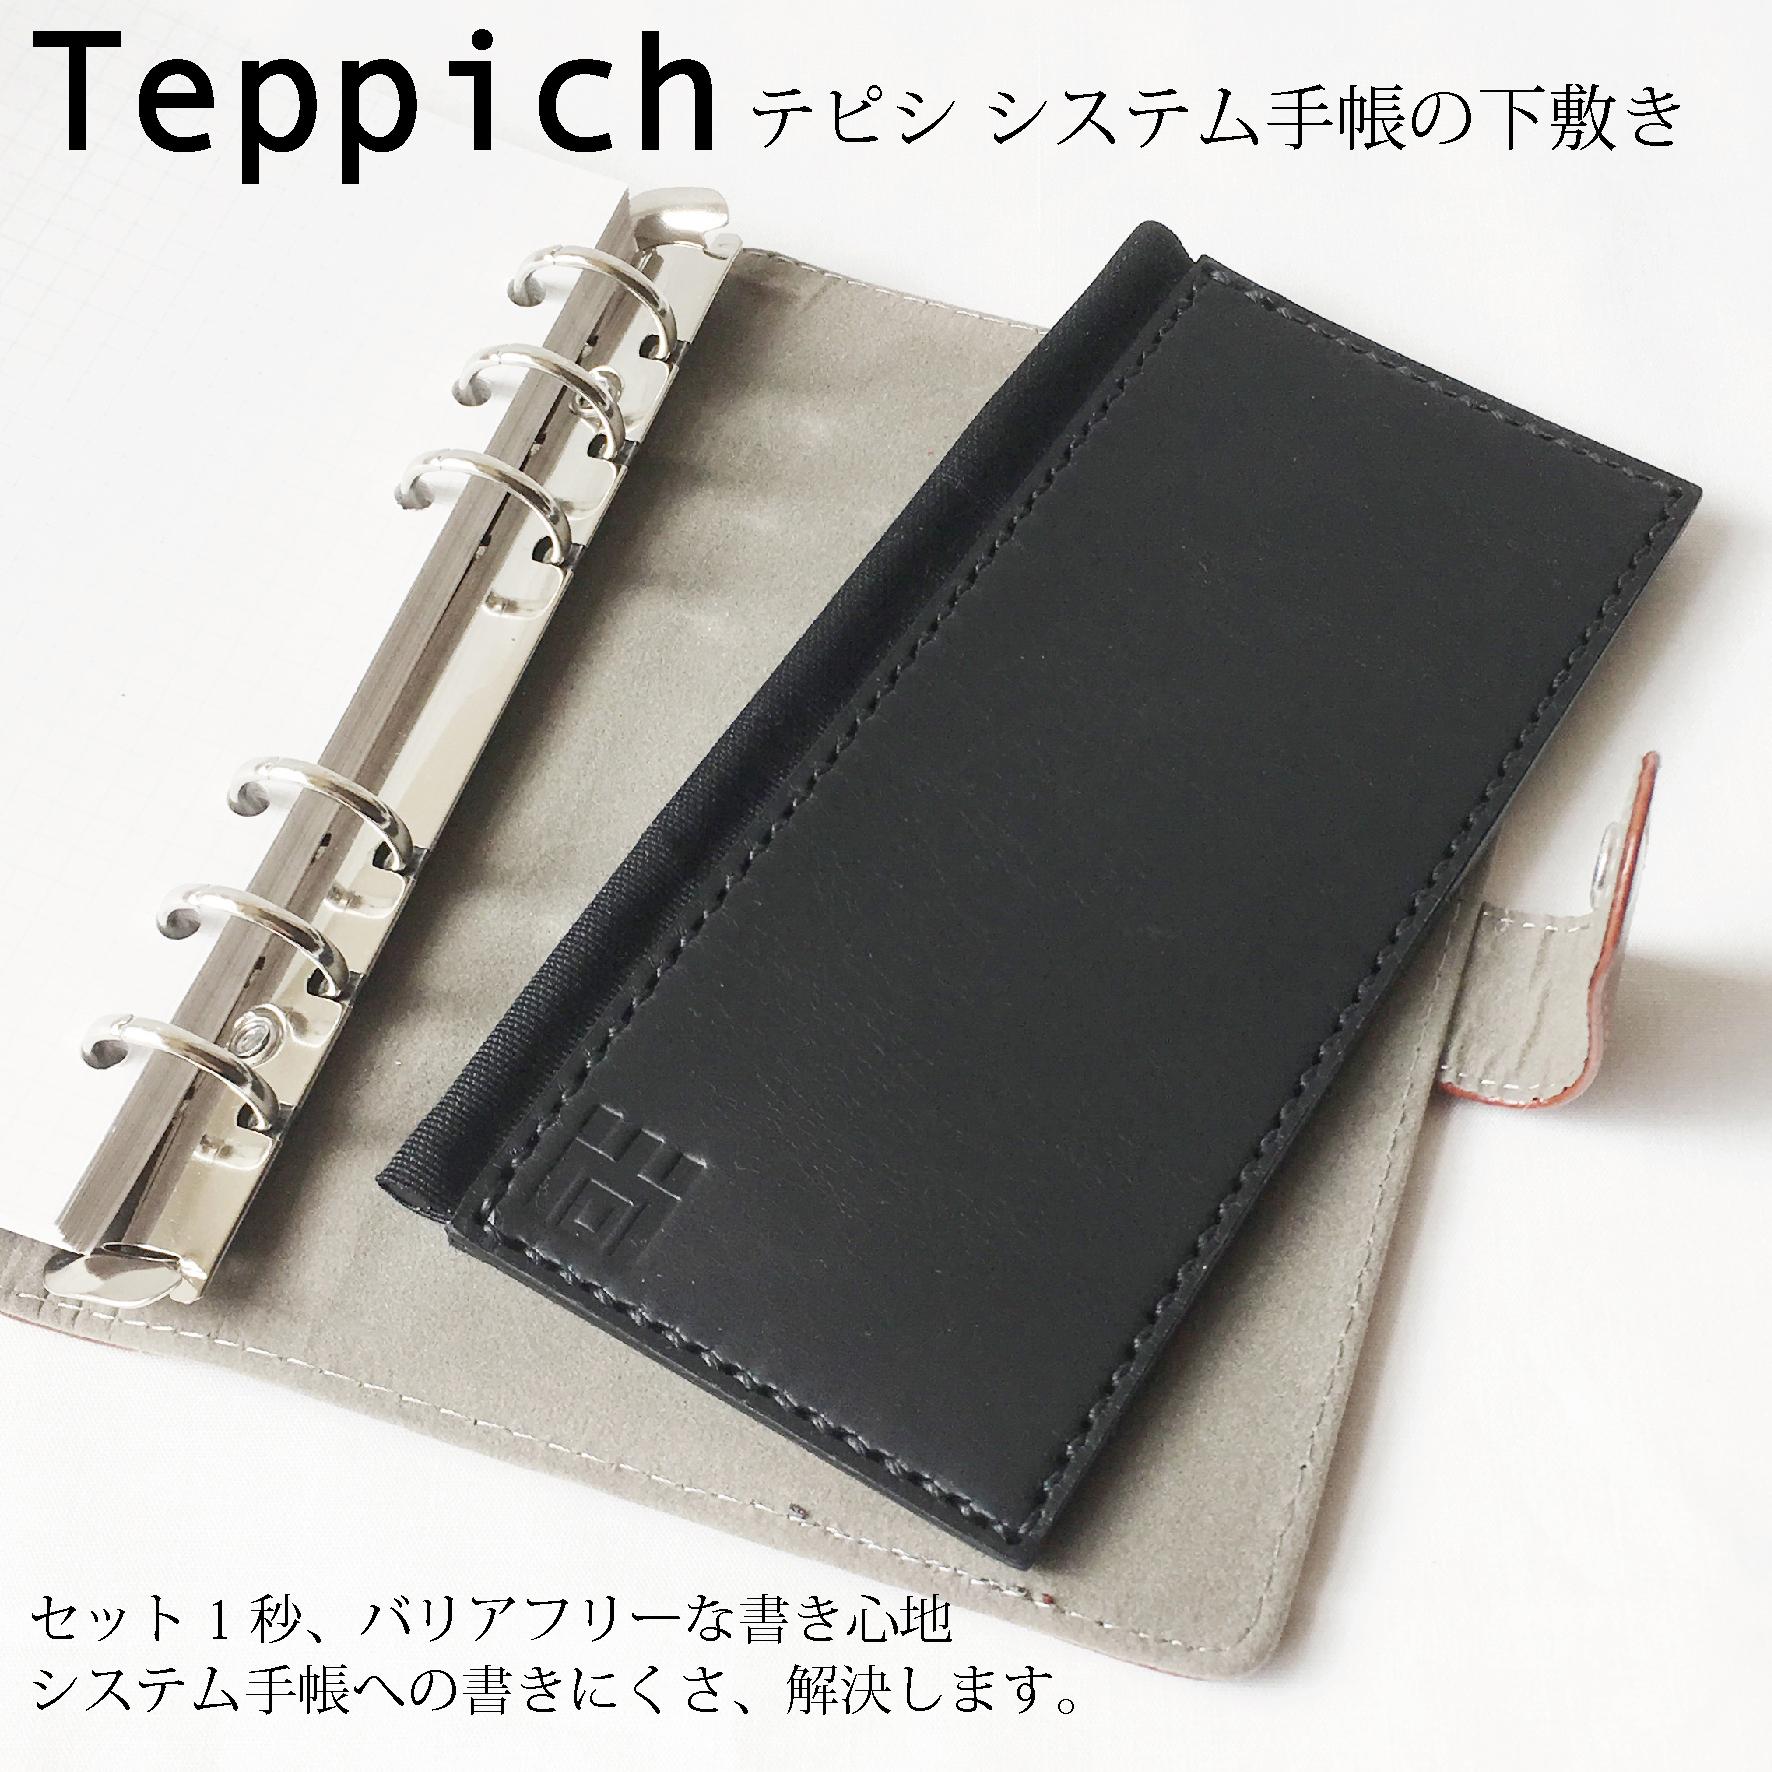 Teppich テピシ バイブルサイズ